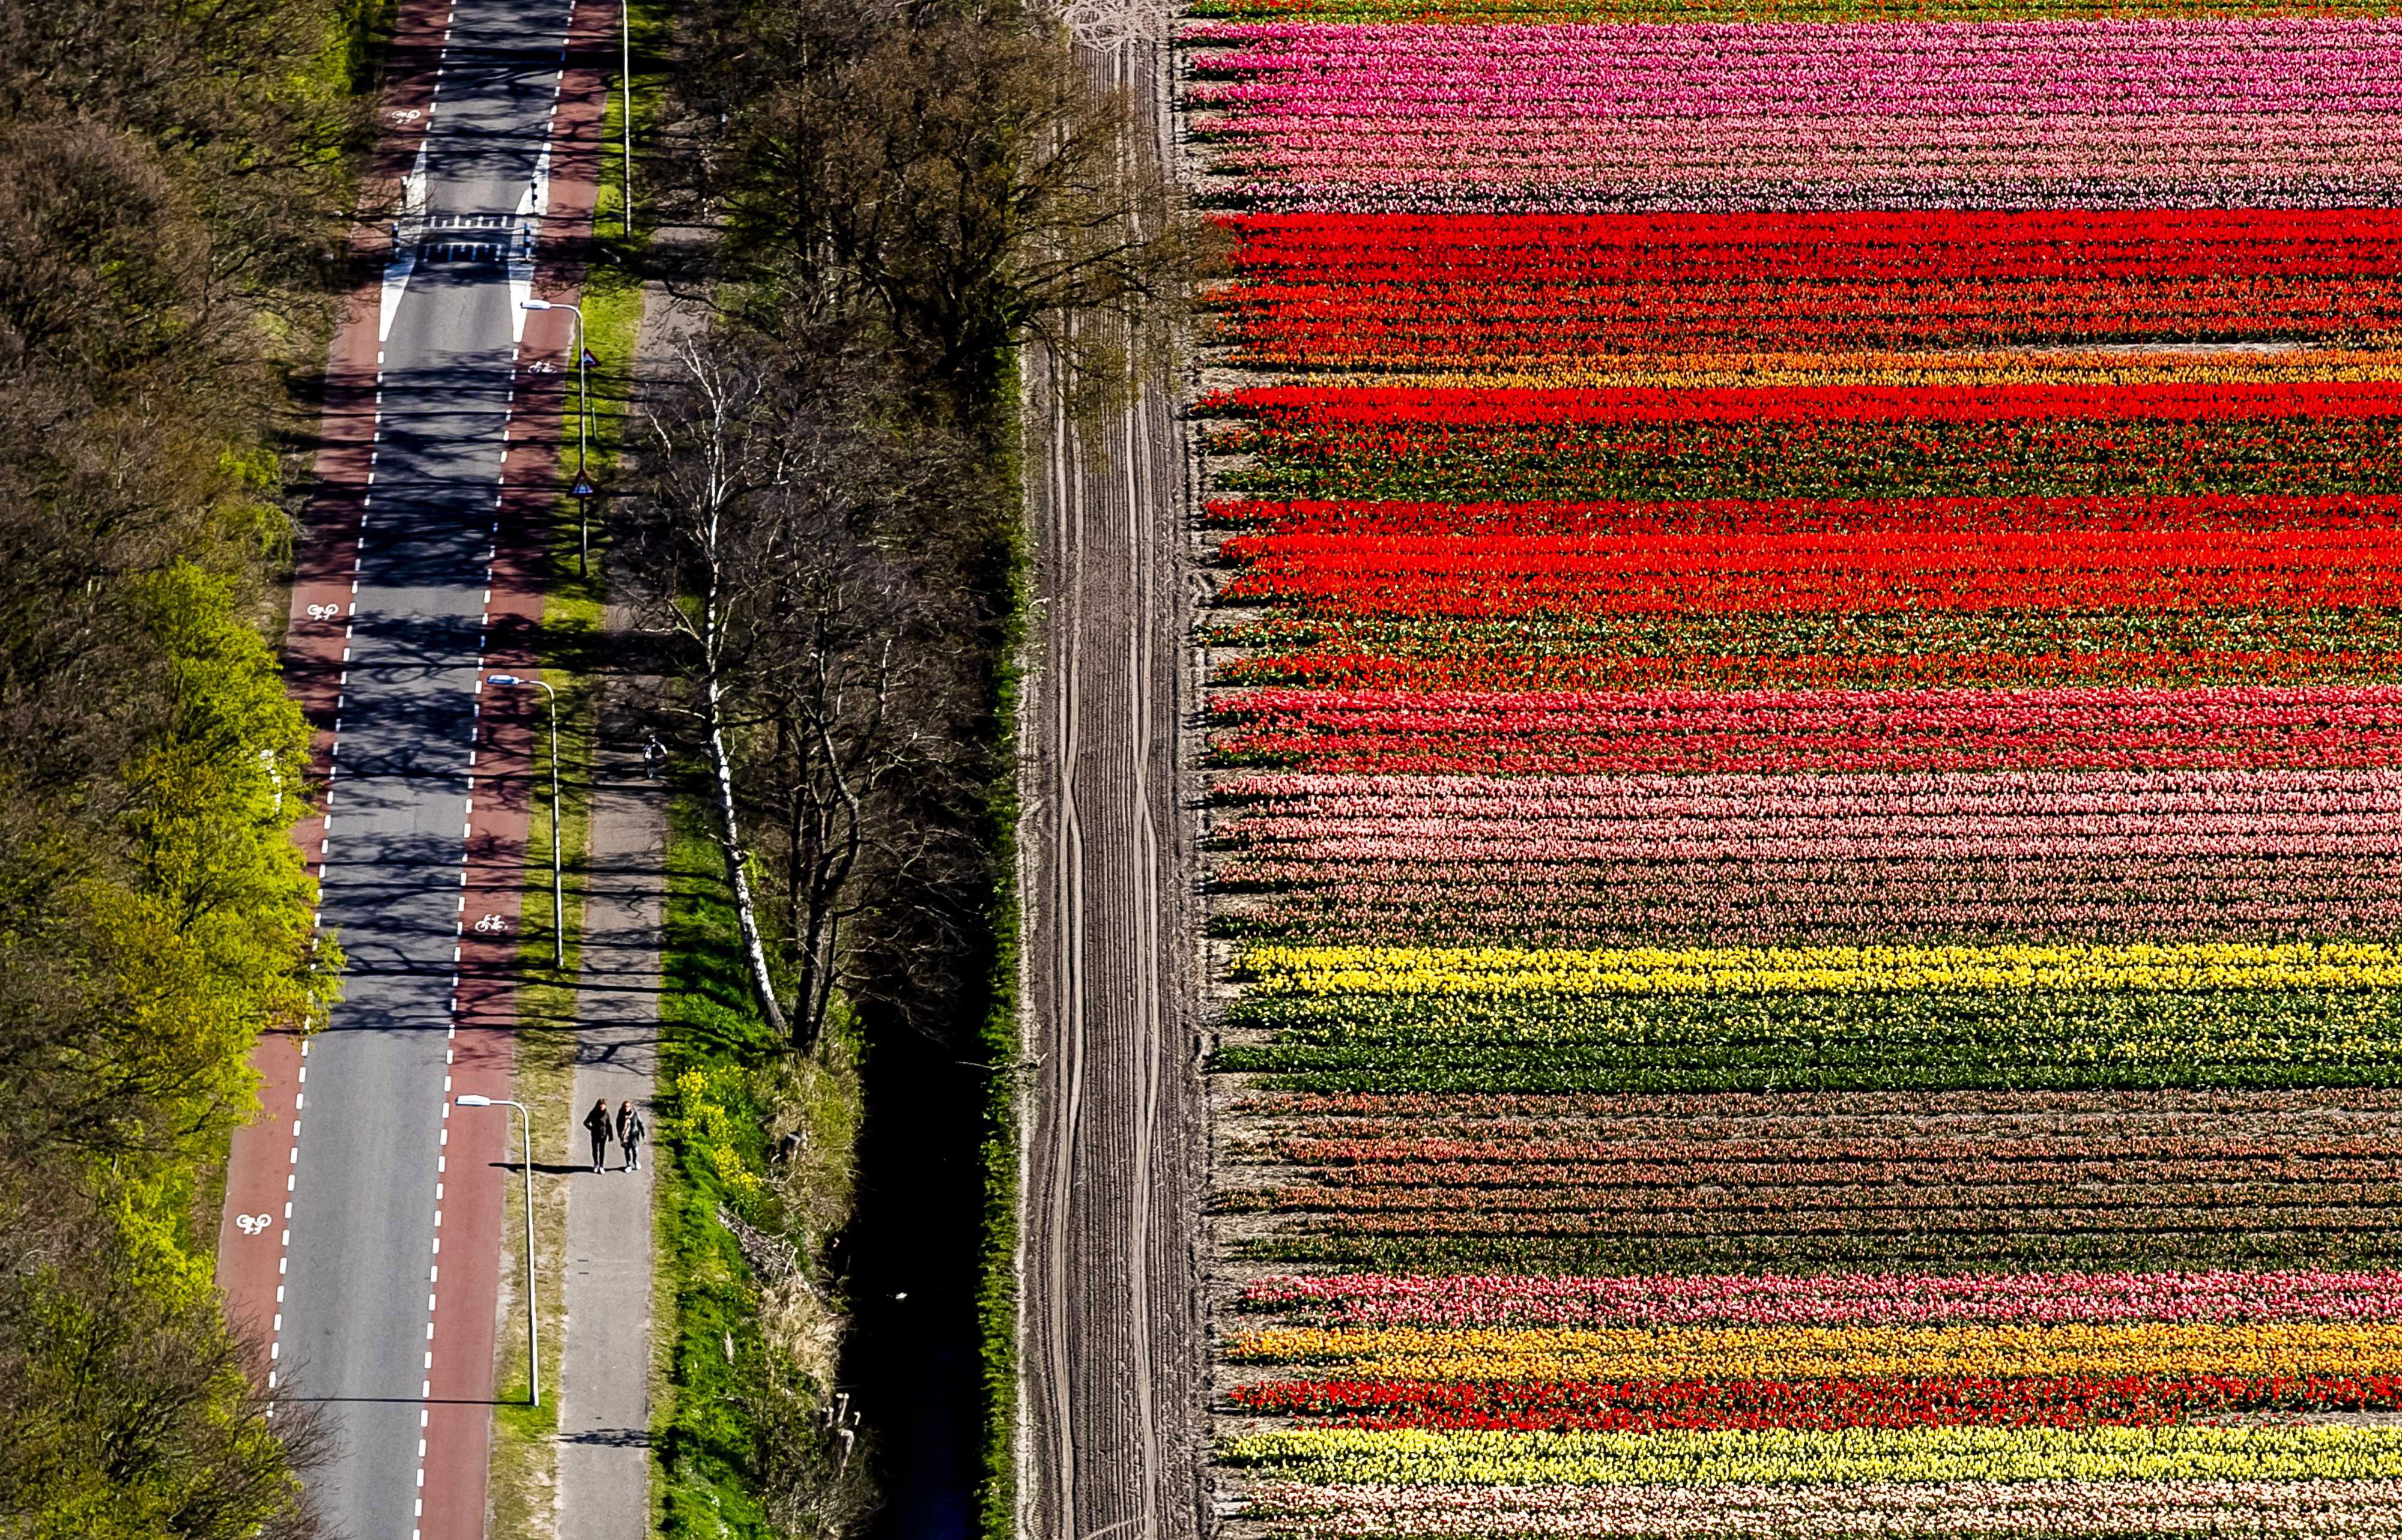 """Цветните градини """"Кукенхоф"""" (на нидерландски: Keukenhof – Кухненски двор) до град Лисе, провинция Южна Холандия, намиращ се между Амстердам и Лайден"""